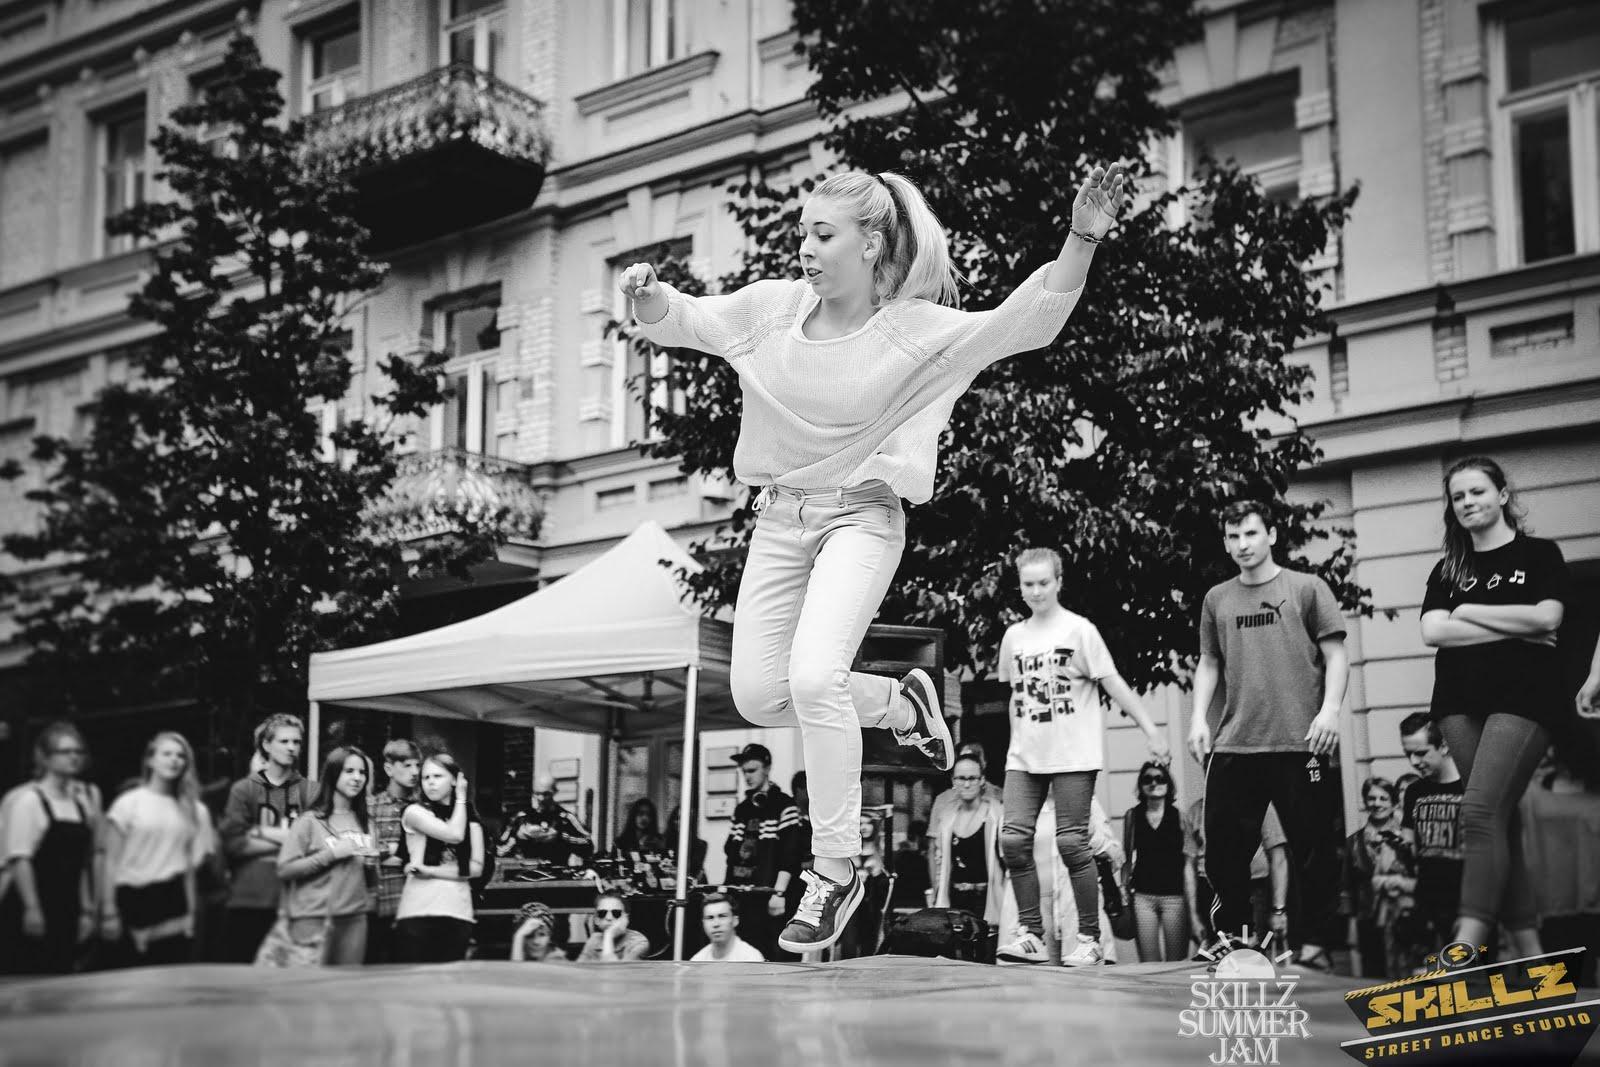 SKILLZ Summer jam 2014 - _MG_2140.jpg